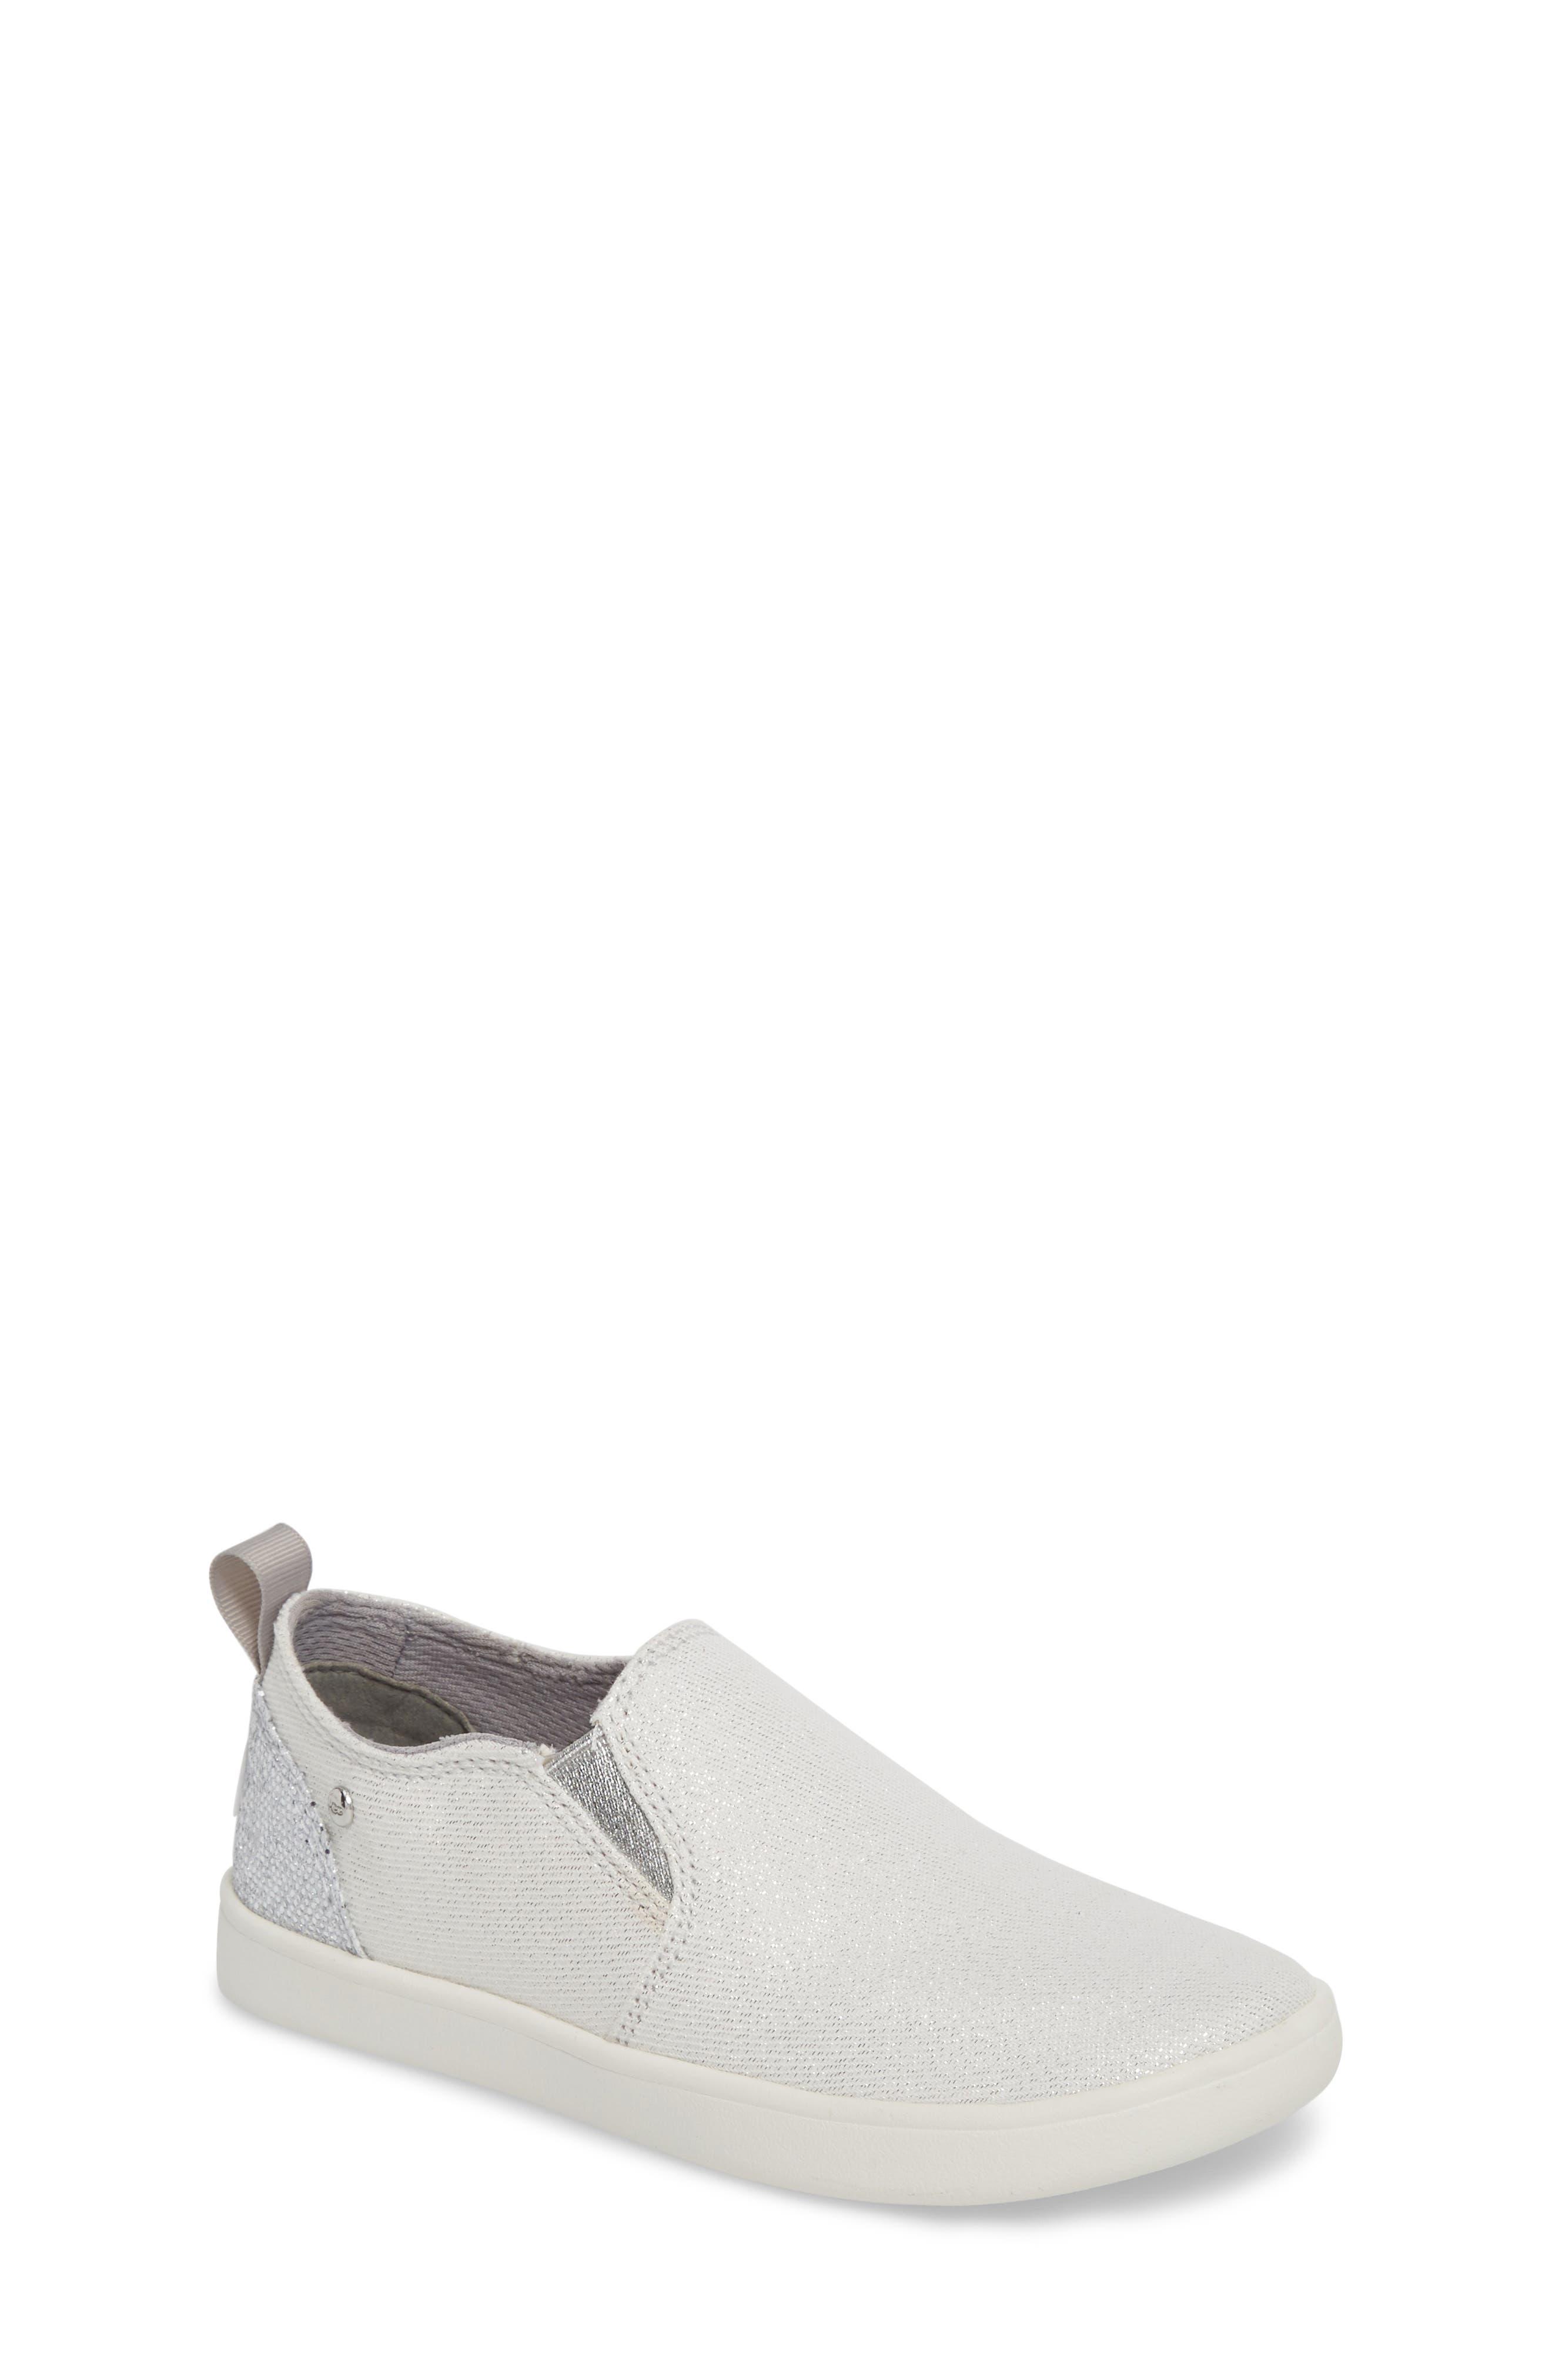 Gantry Sparkles Slip-On Sneaker,                             Main thumbnail 1, color,                             SILVER